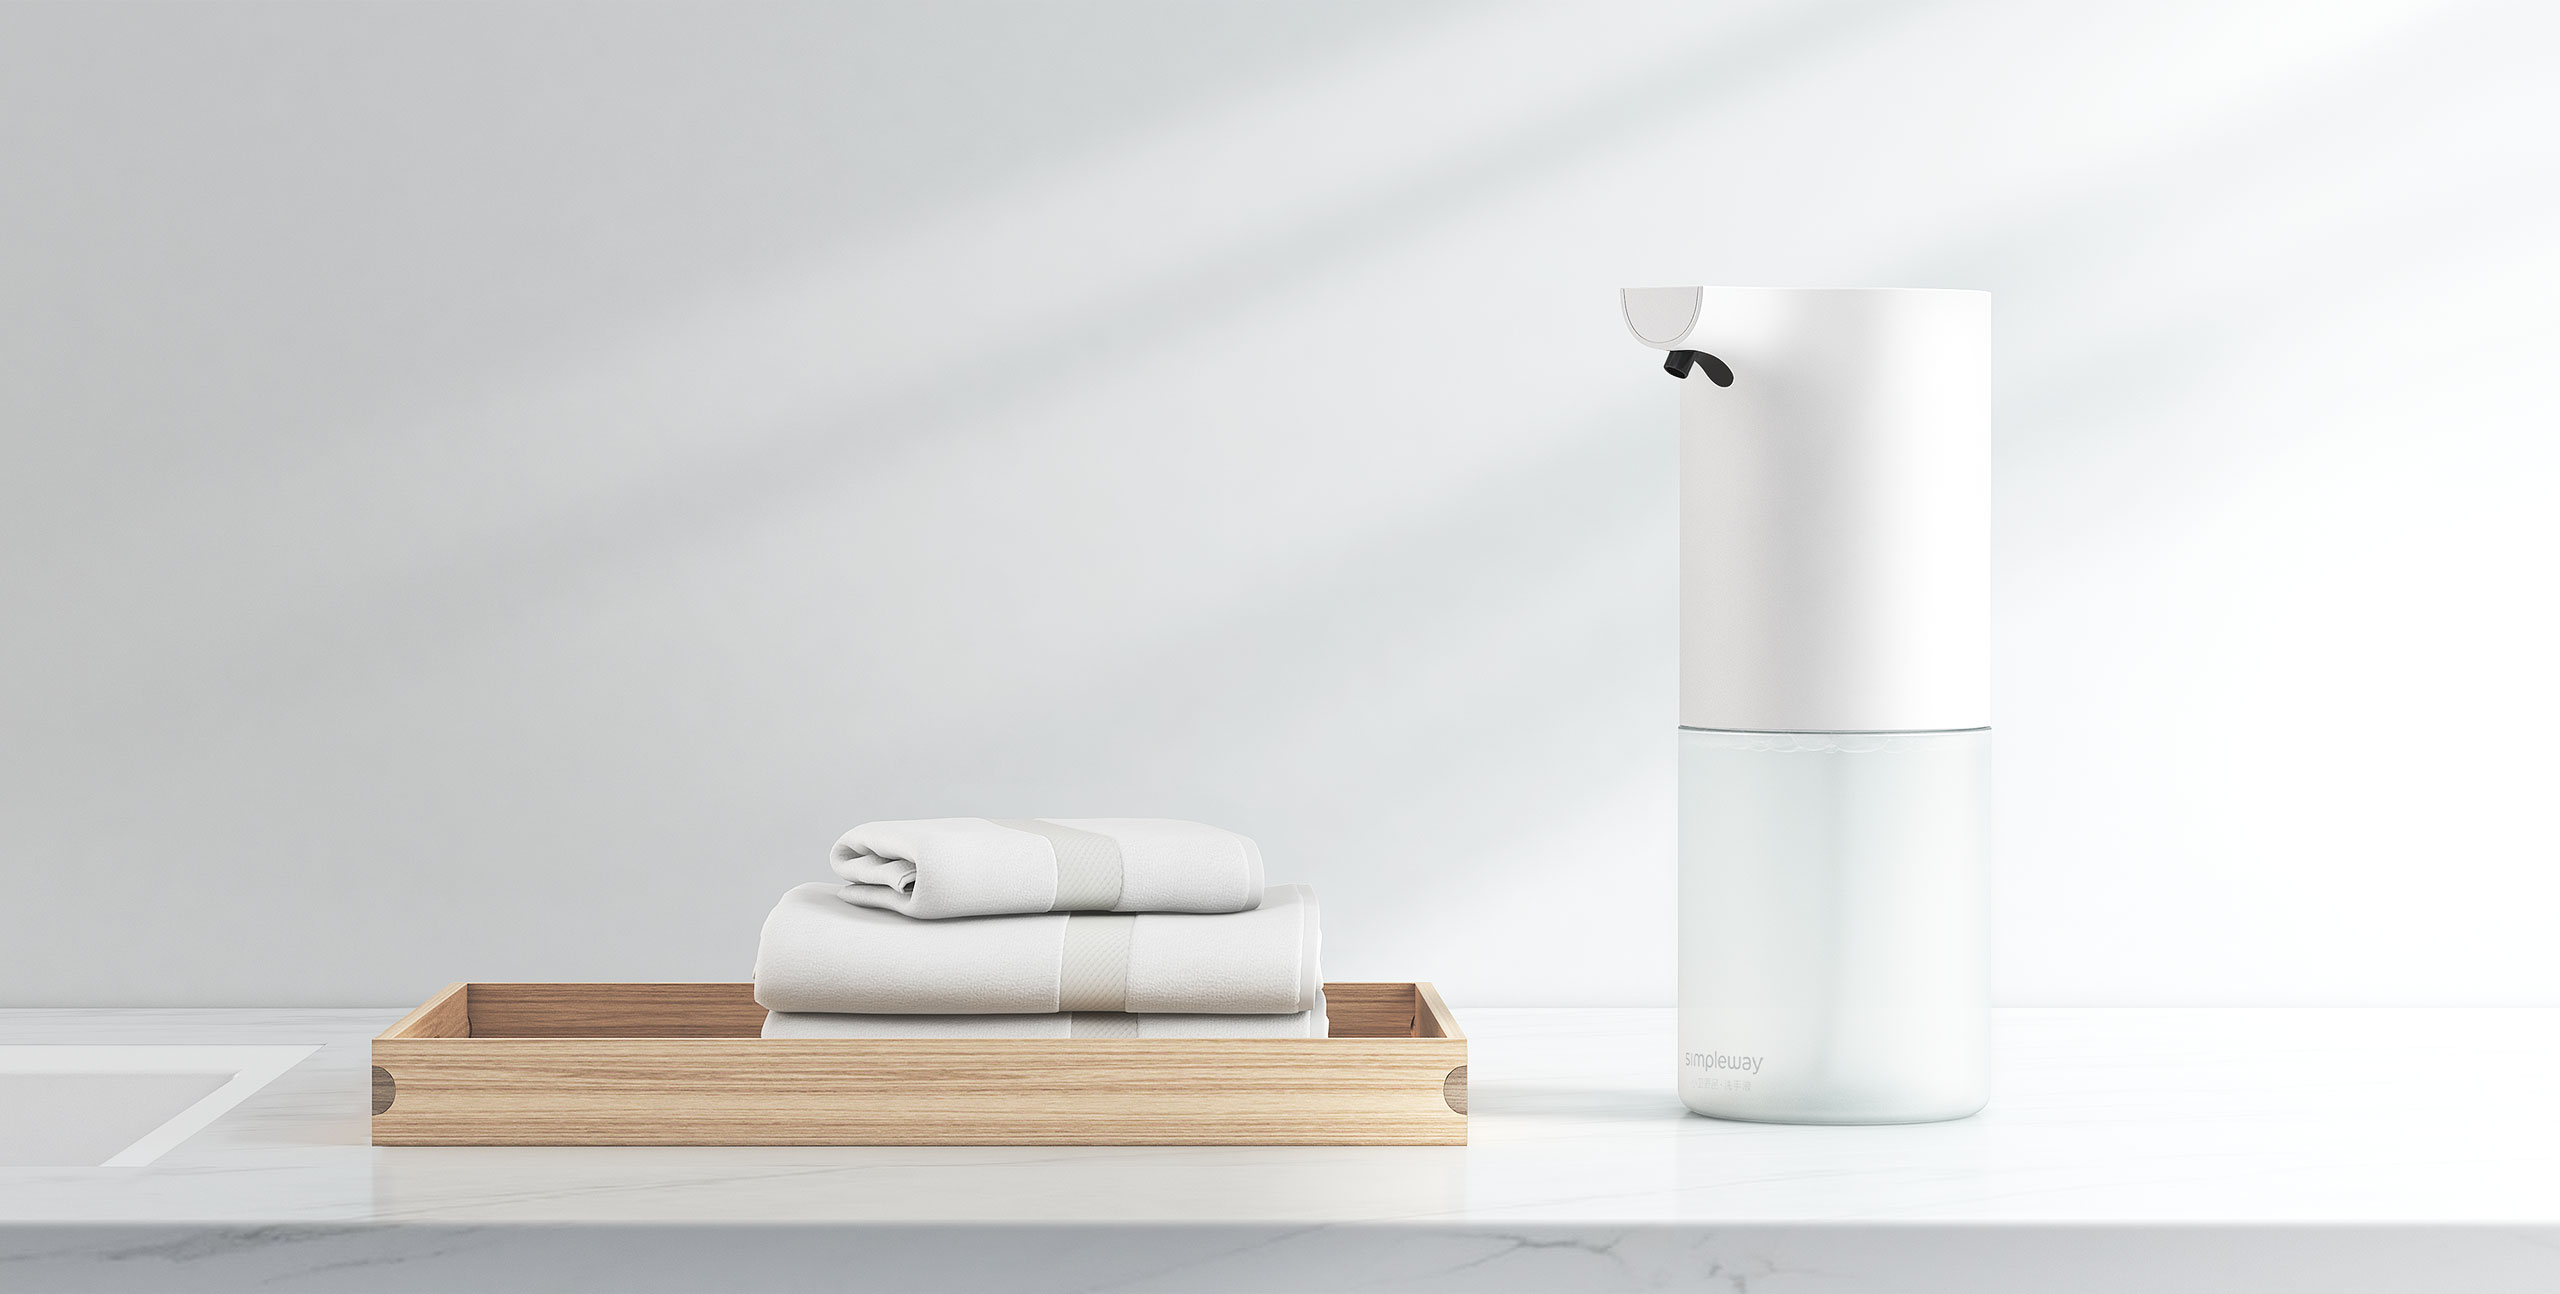 米家自动洗手机套装- 小米商城